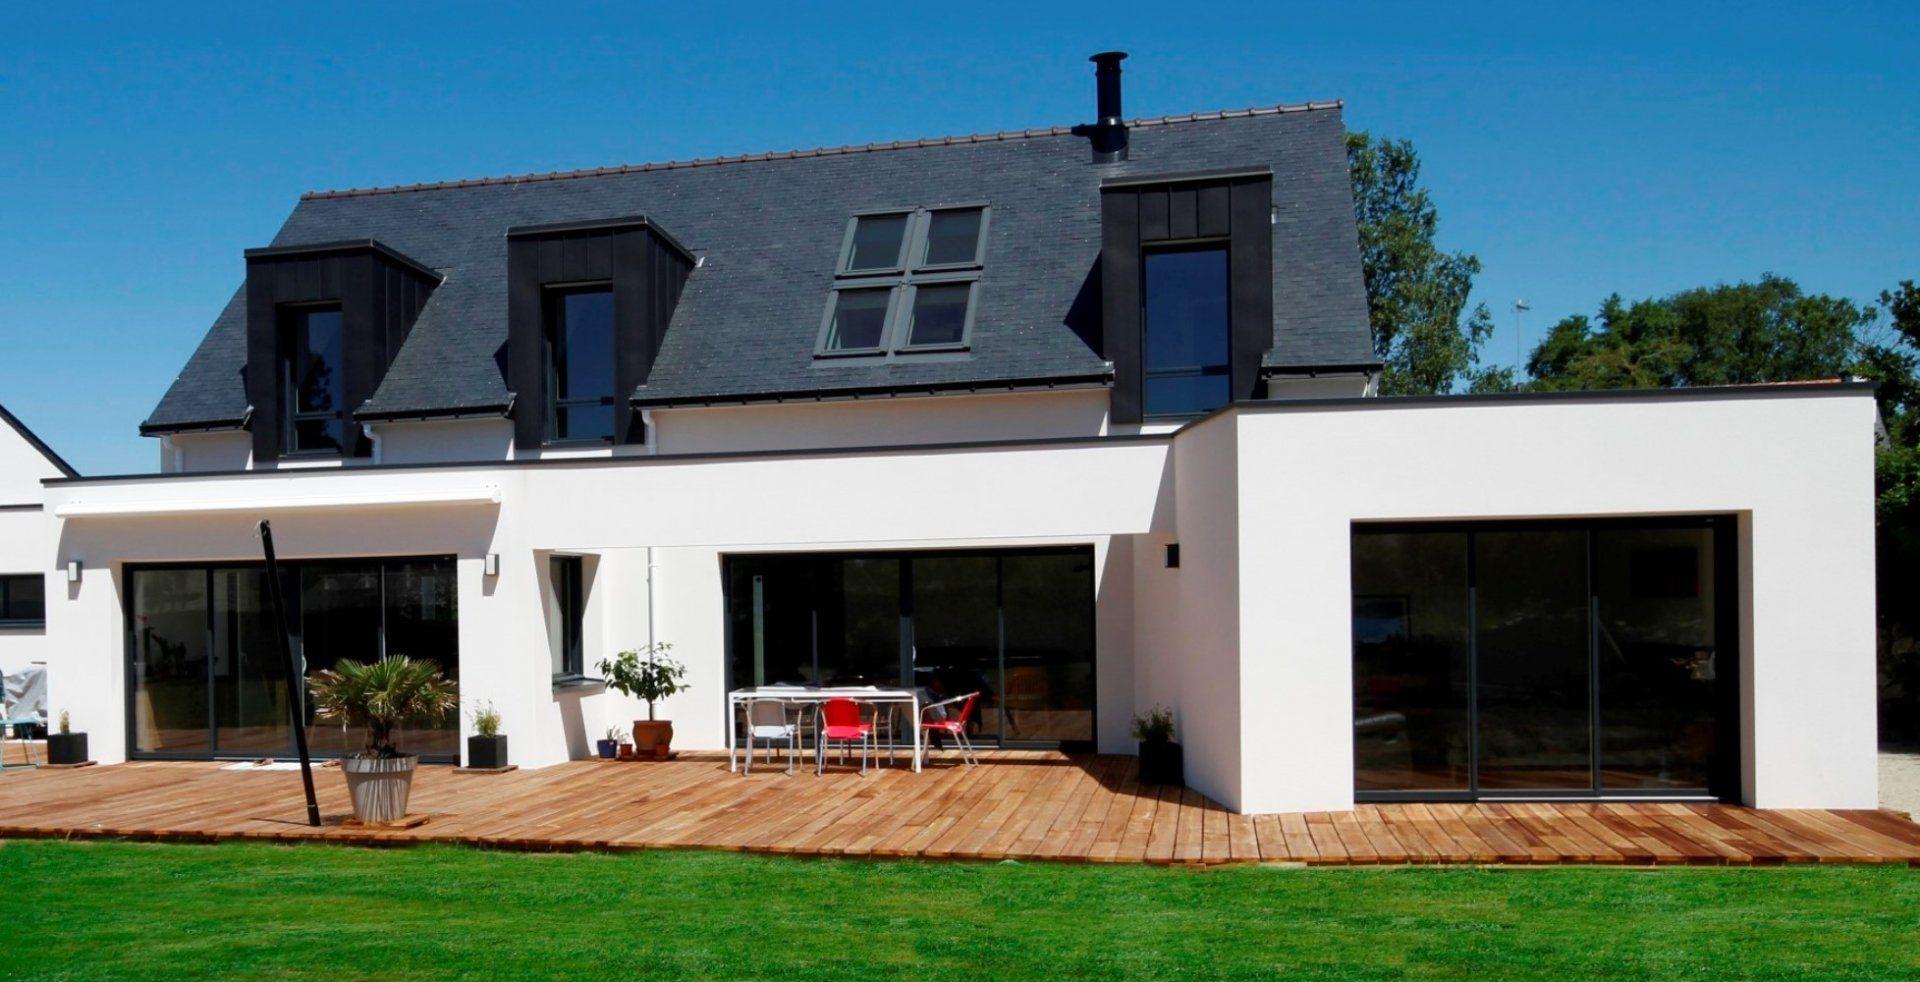 Constructeur En Bretagne Prix Construction Maison Plan Maison